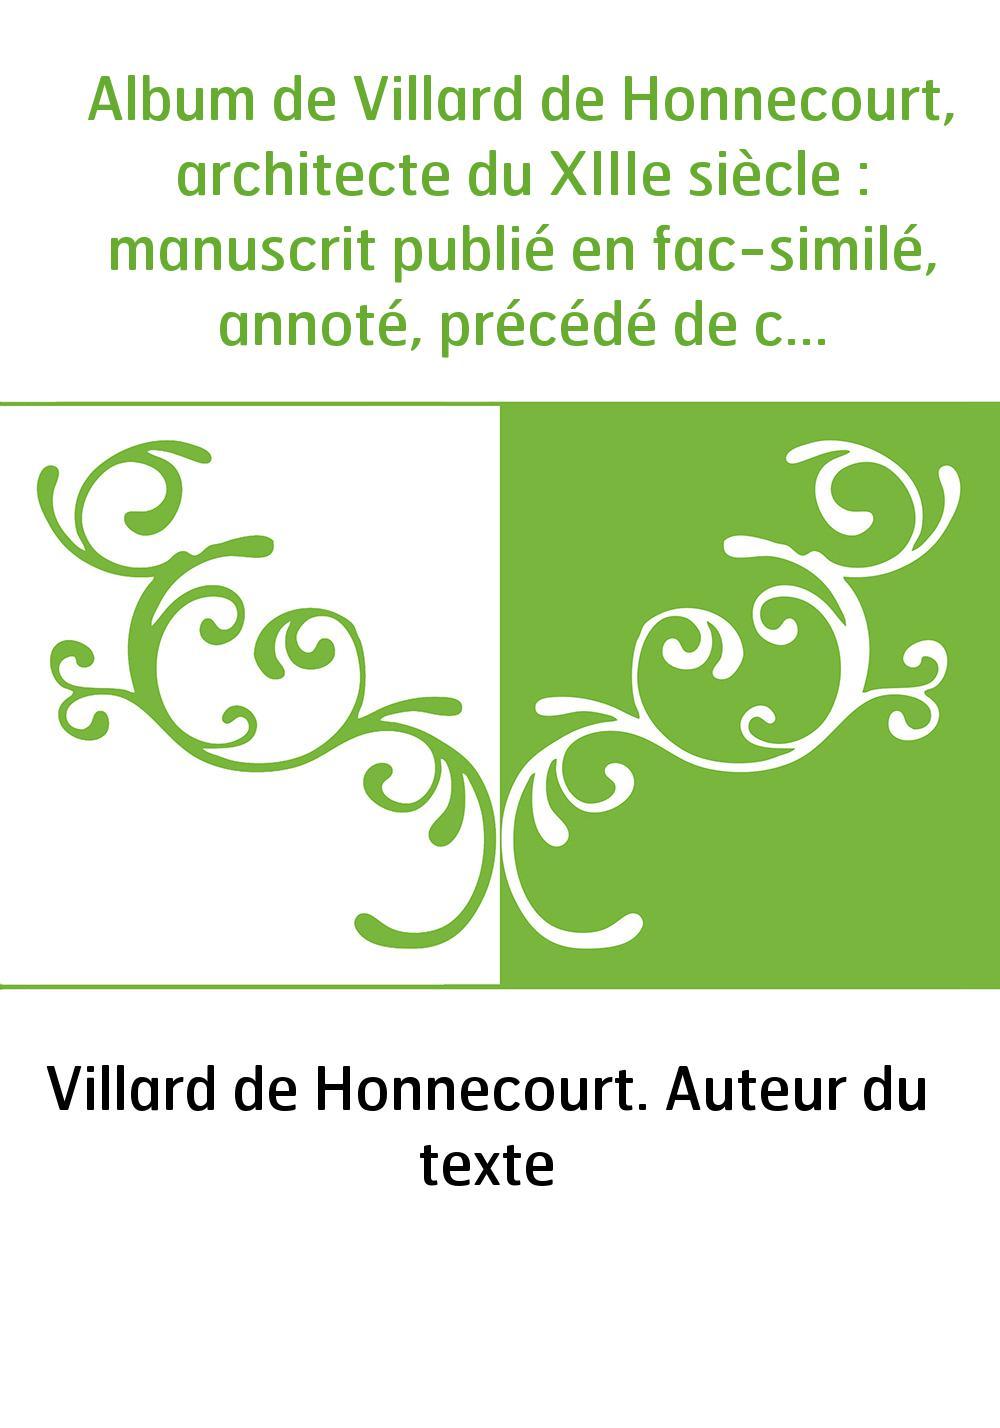 Album de Villard de Honnecourt, architecte du XIIIe siècle : manuscrit publié en fac-similé, annoté, précédé de considérations s